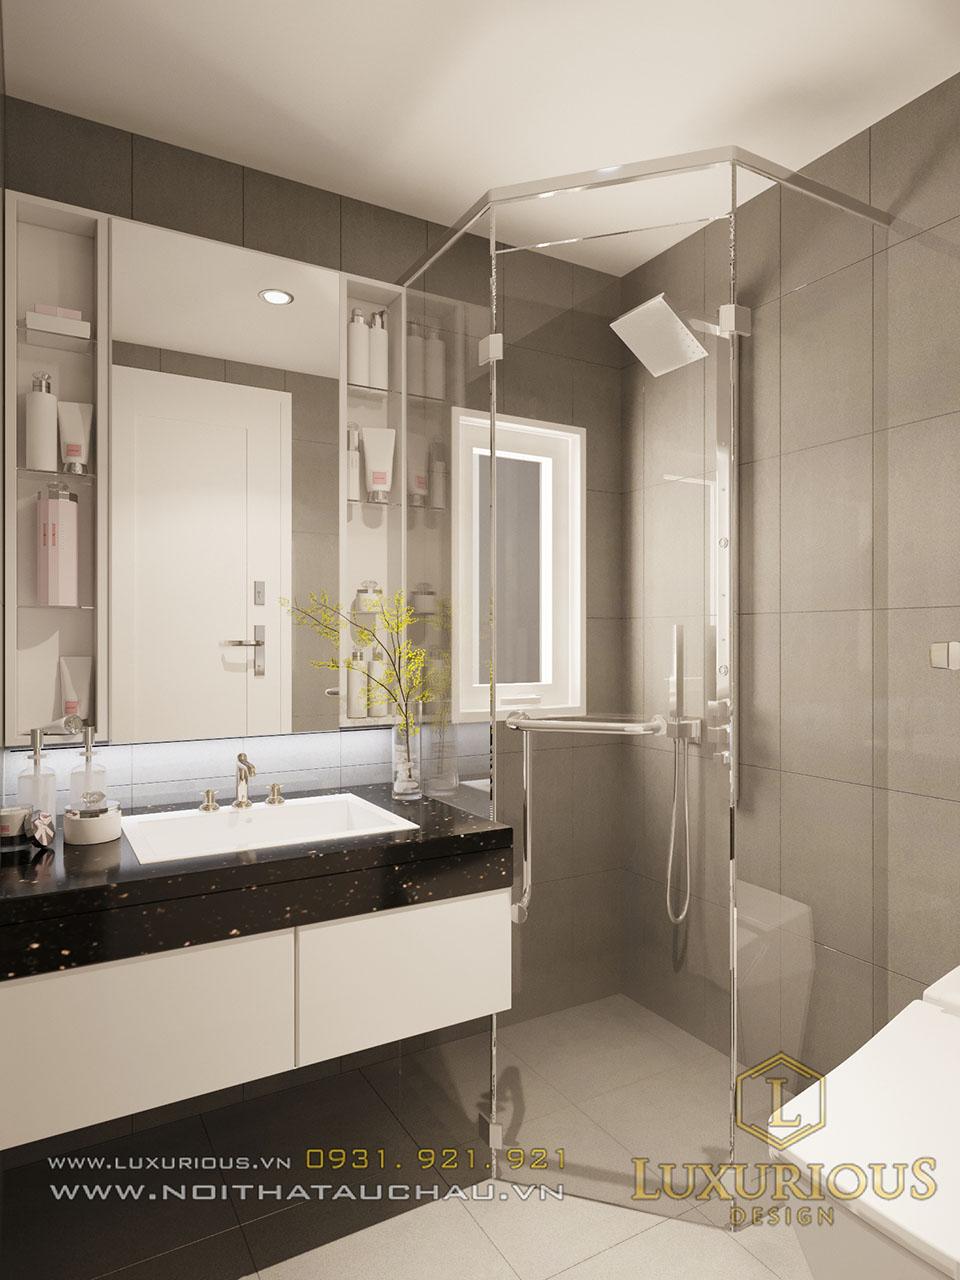 Phòng tắm chung cư vách kính